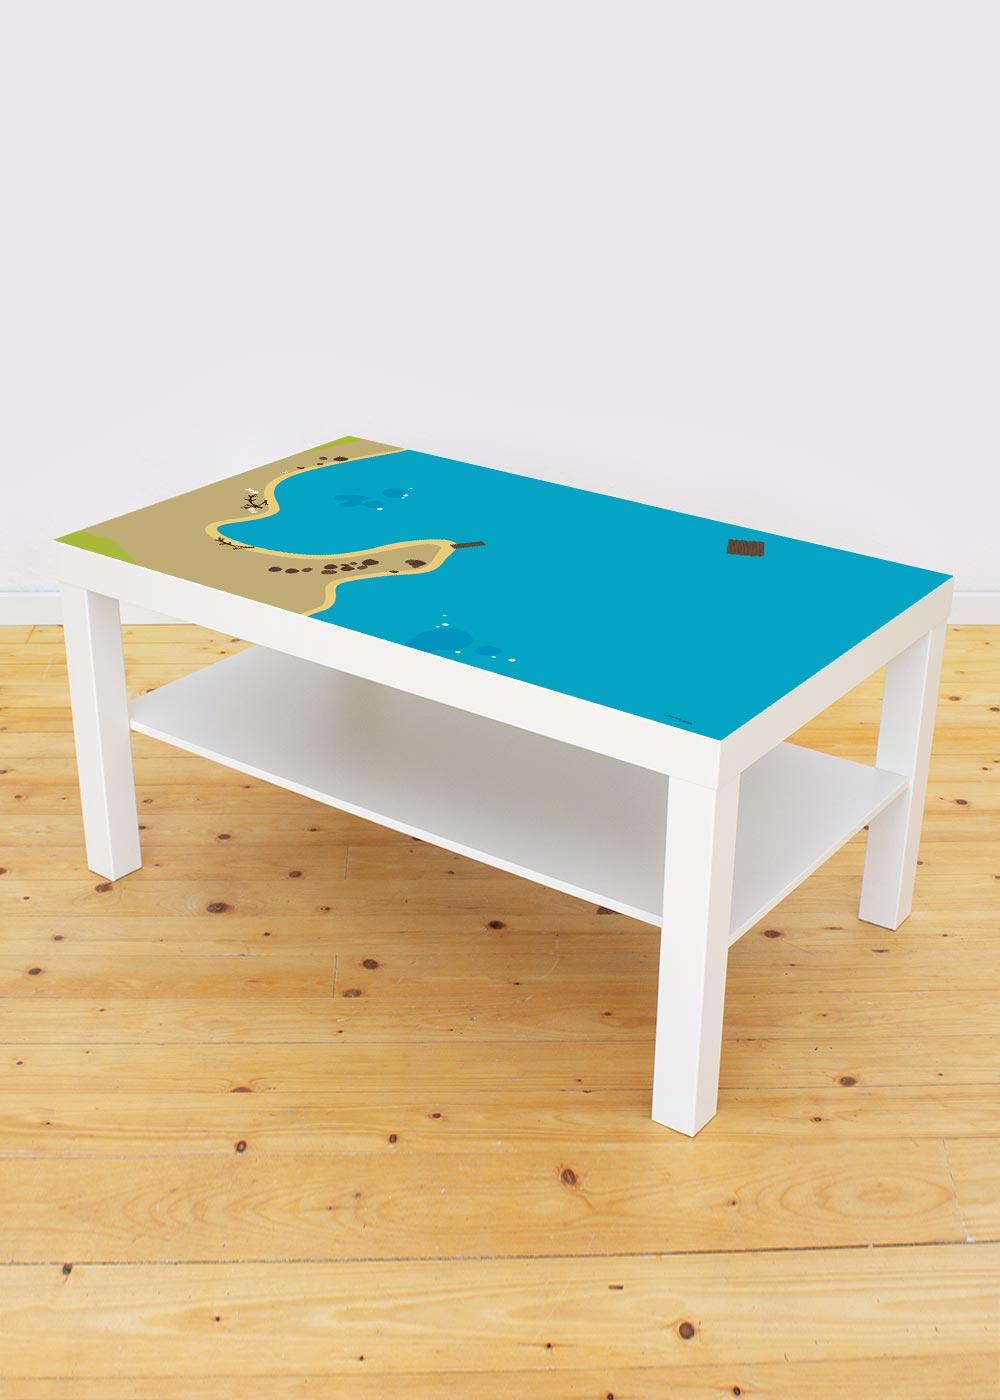 Ikea Lack Couchtisch Wasserreich 55x90 Gesamtansicht